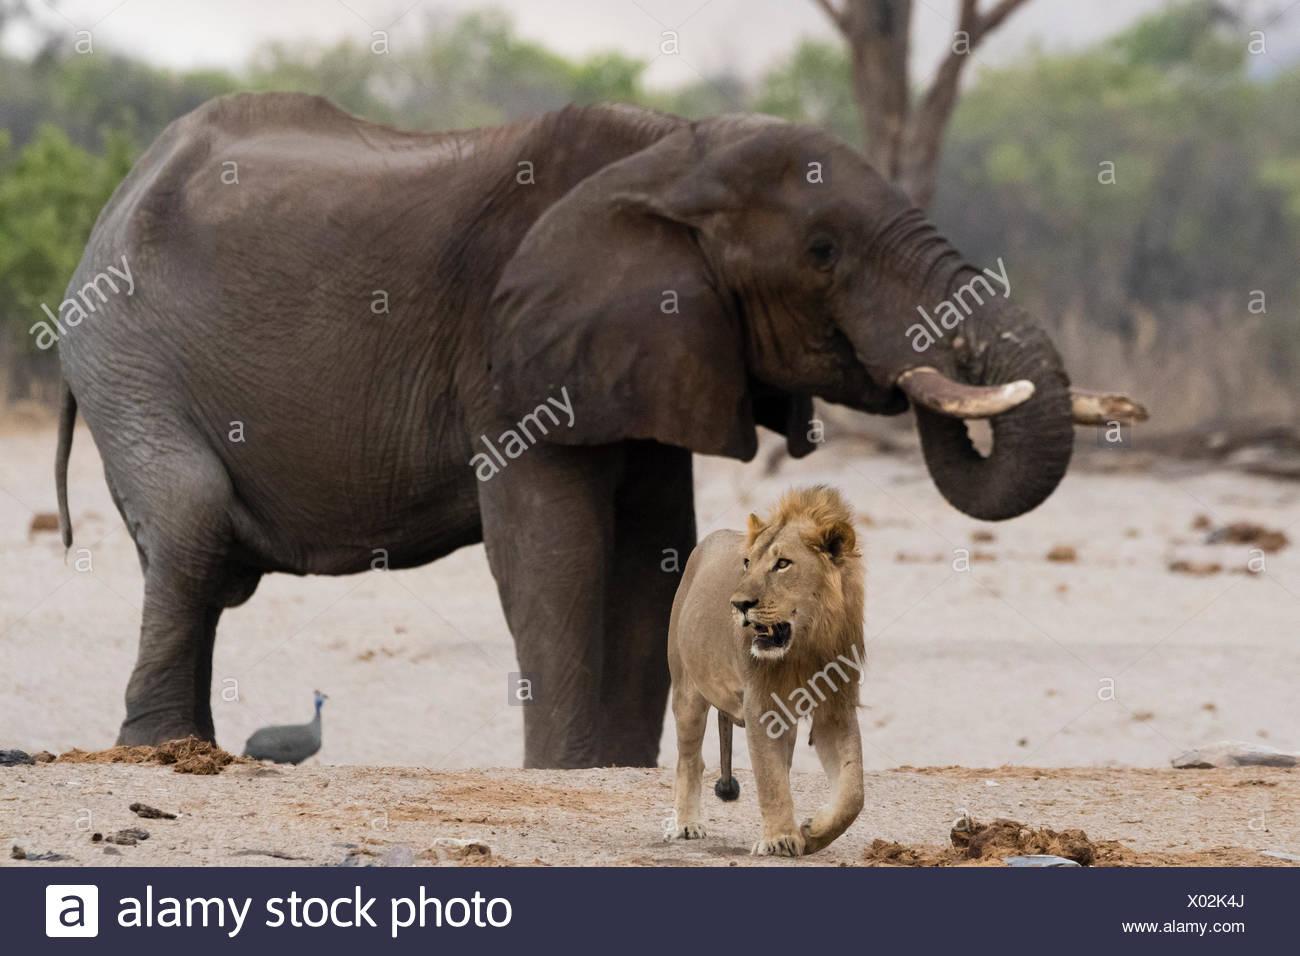 Ein männlicher Löwe, Panthera Leo, zu Fuß entfernt von einem afrikanischen Elefanten, Loxodonta Africana, trinken am Wasserloch. Stockbild